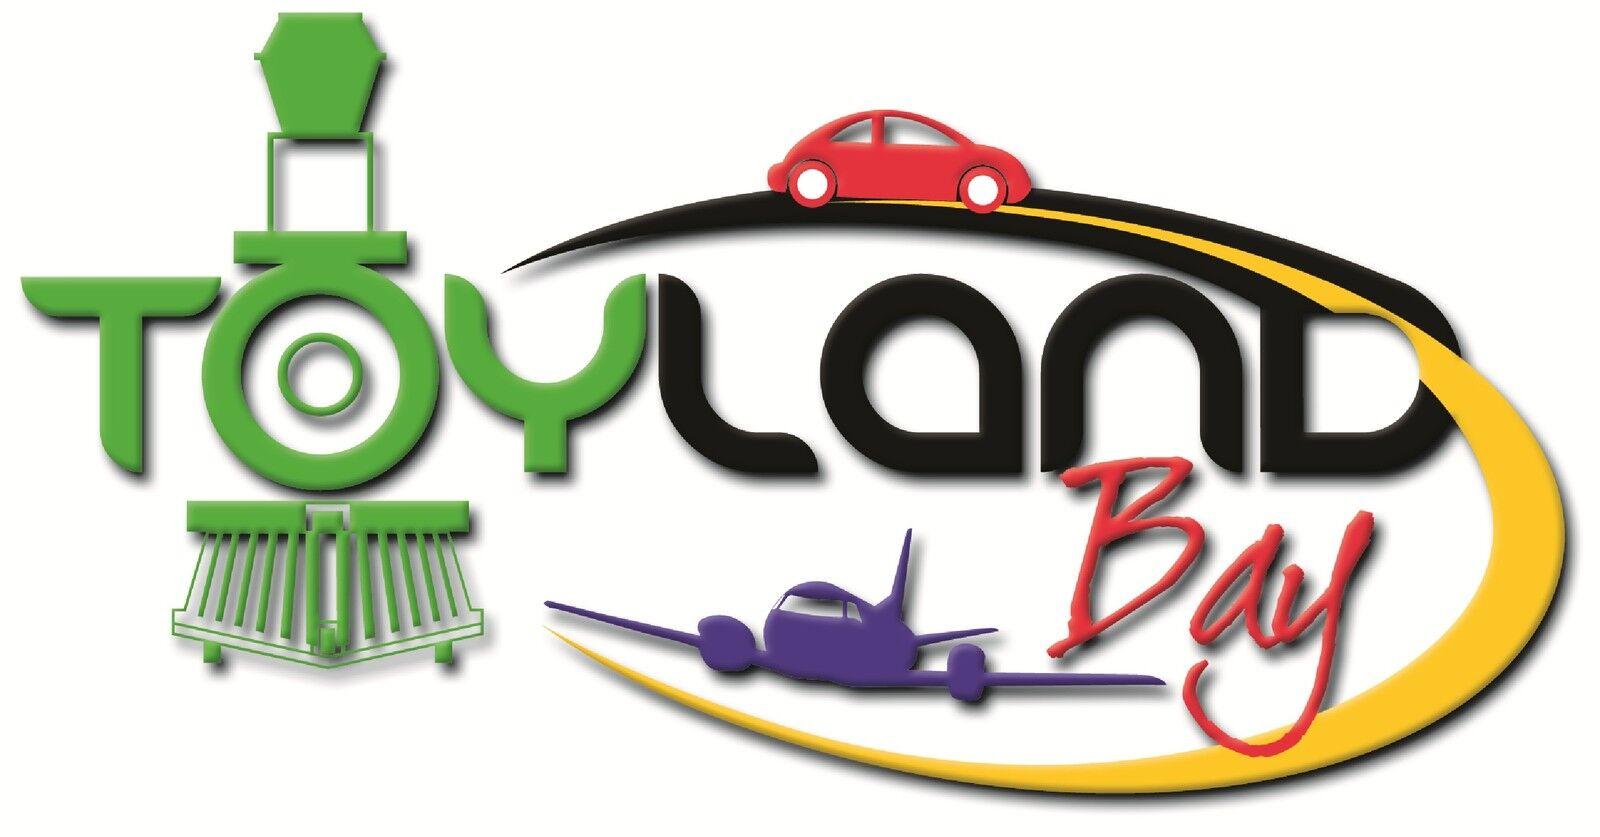 toylandbay